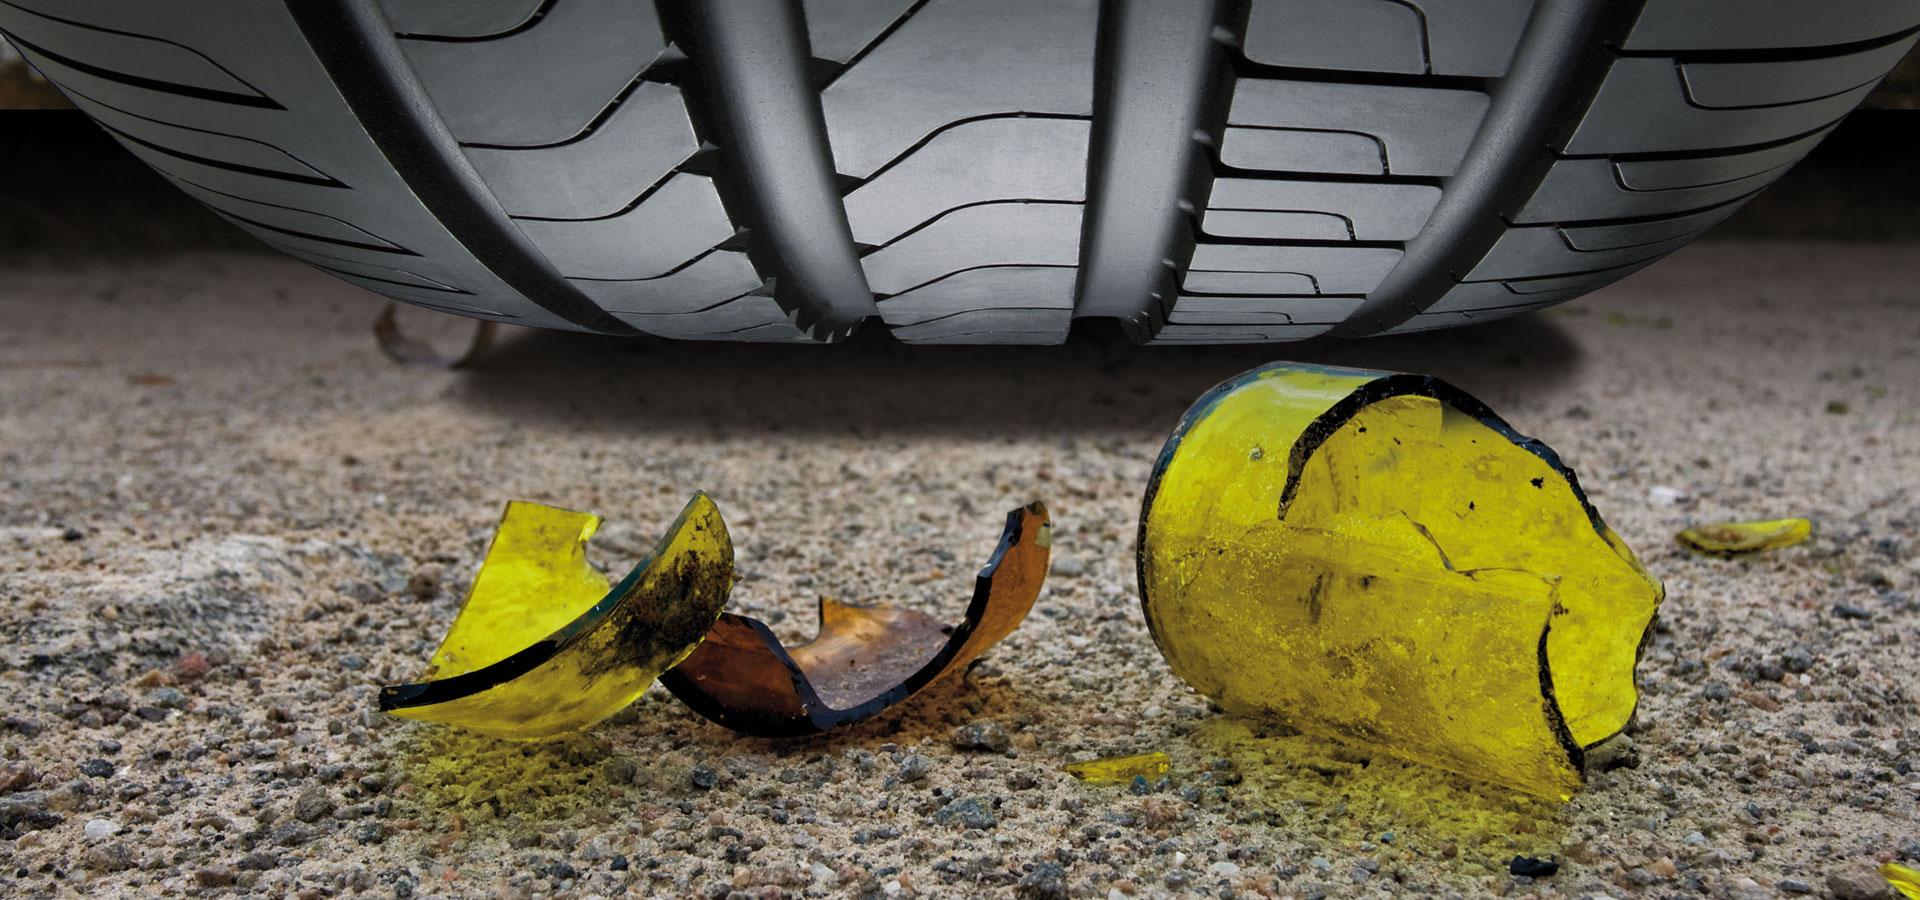 Reifenversicherung